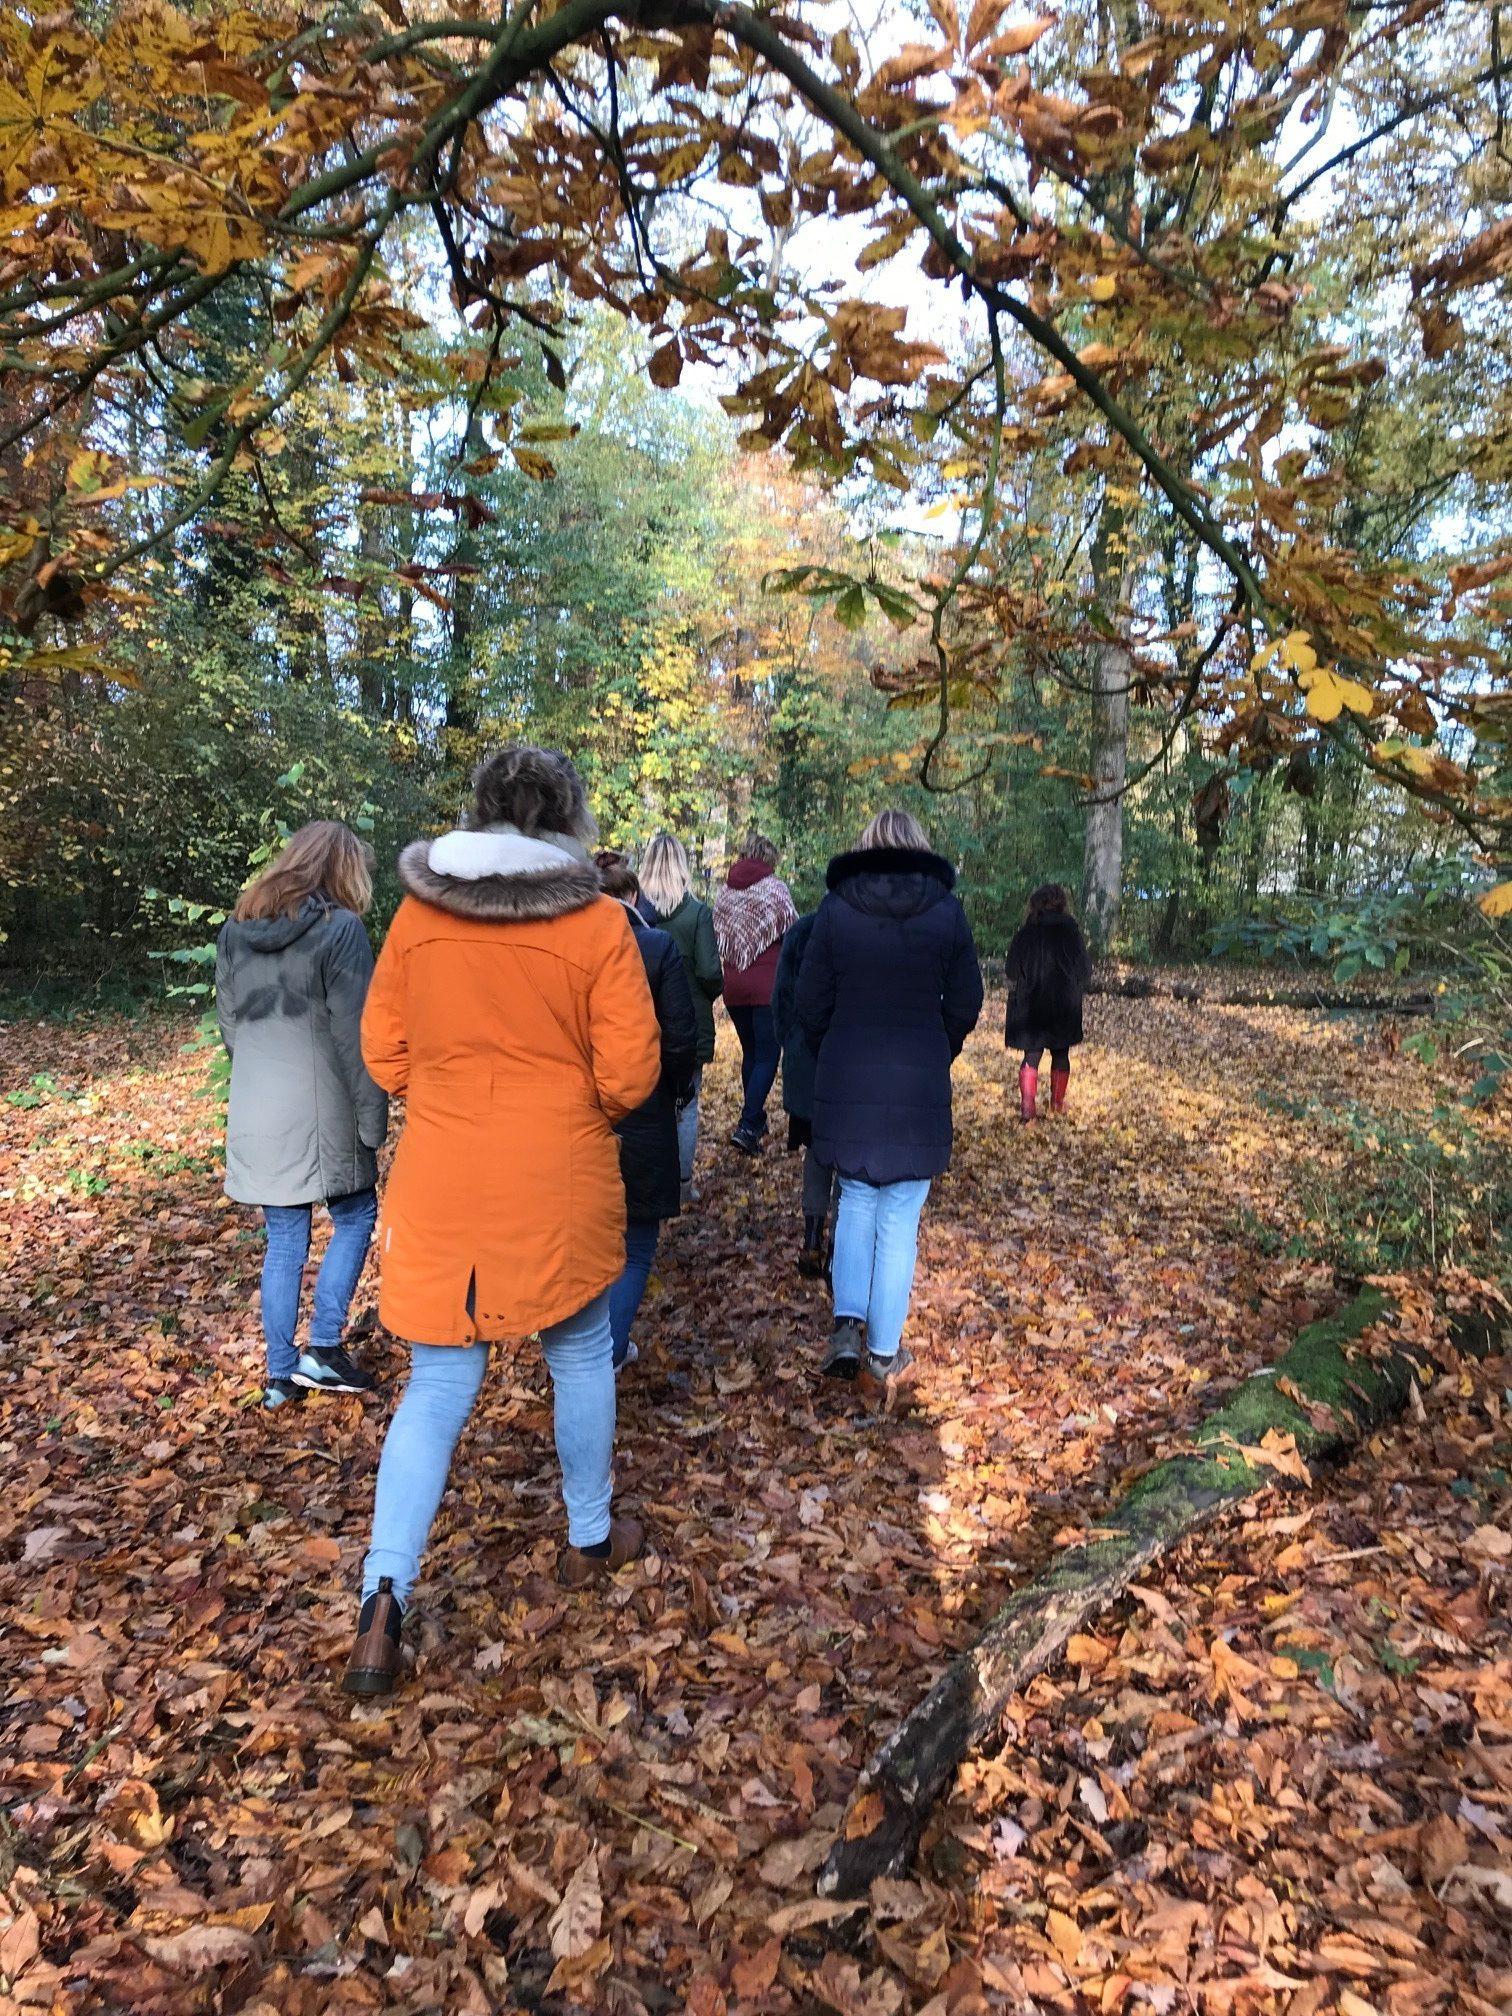 Mindful Walk groepswandeling door het bos in herfstkleuren